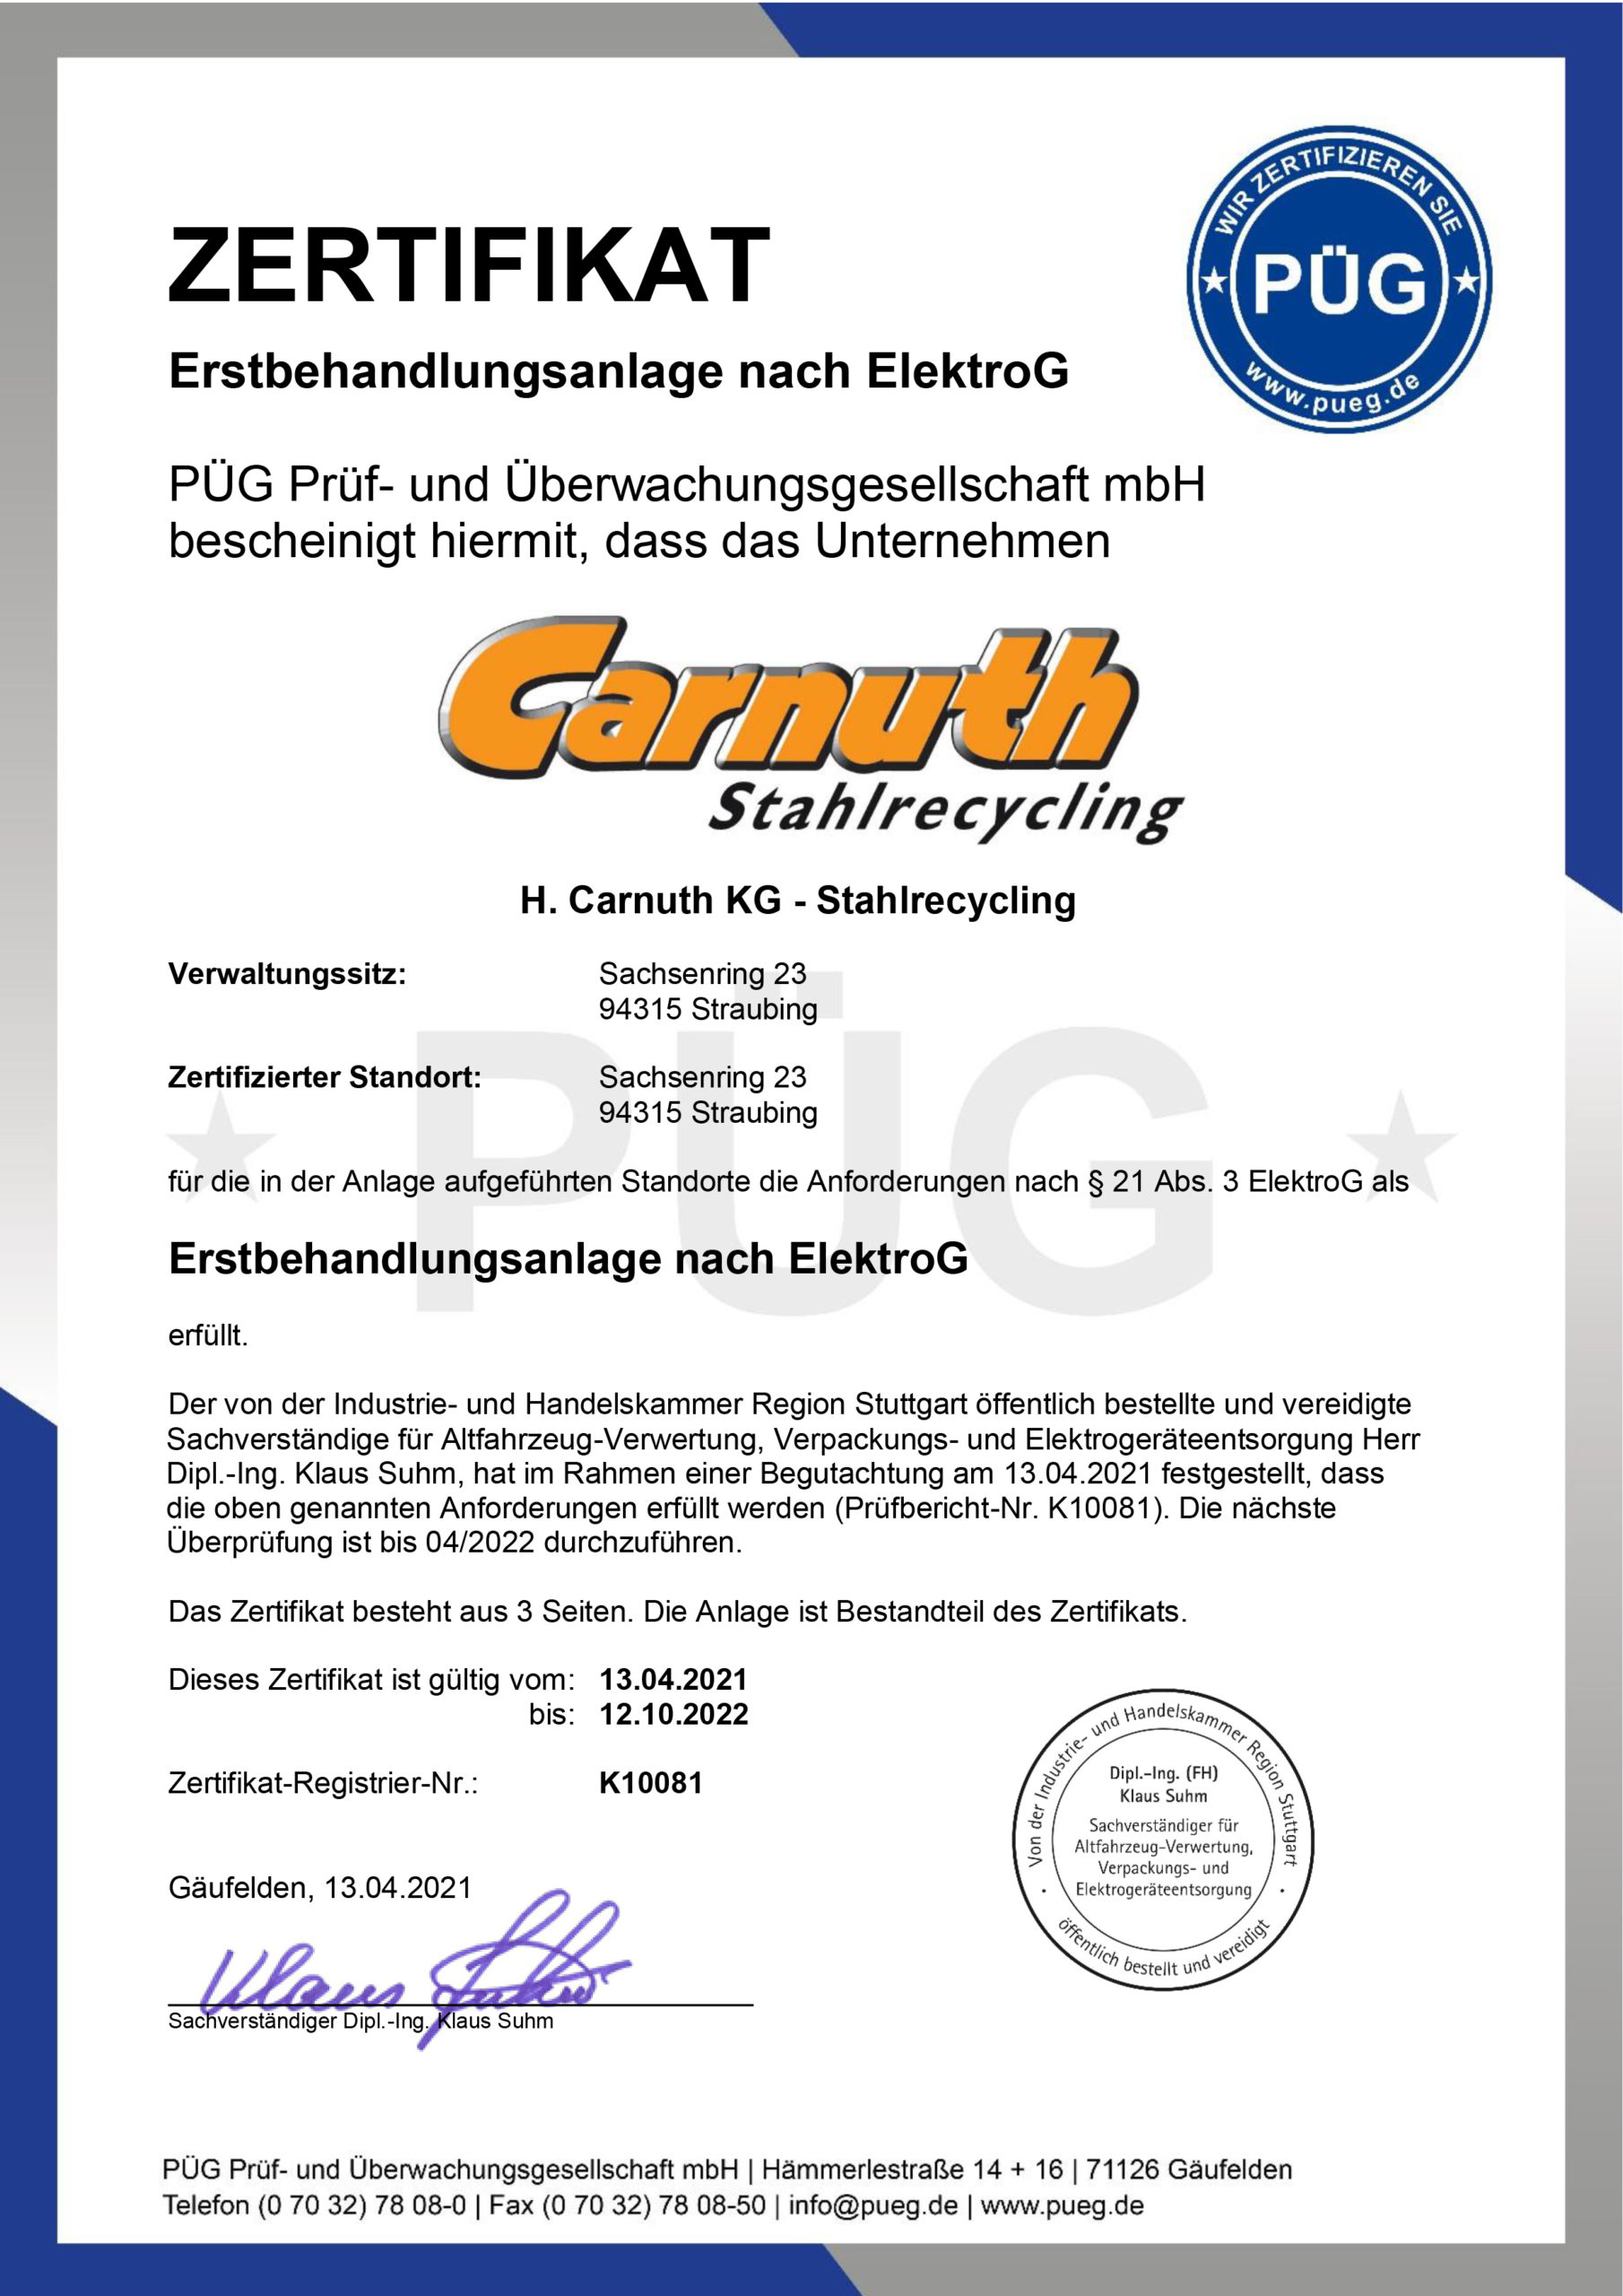 Zertifikat ElektroG Straubing 2019